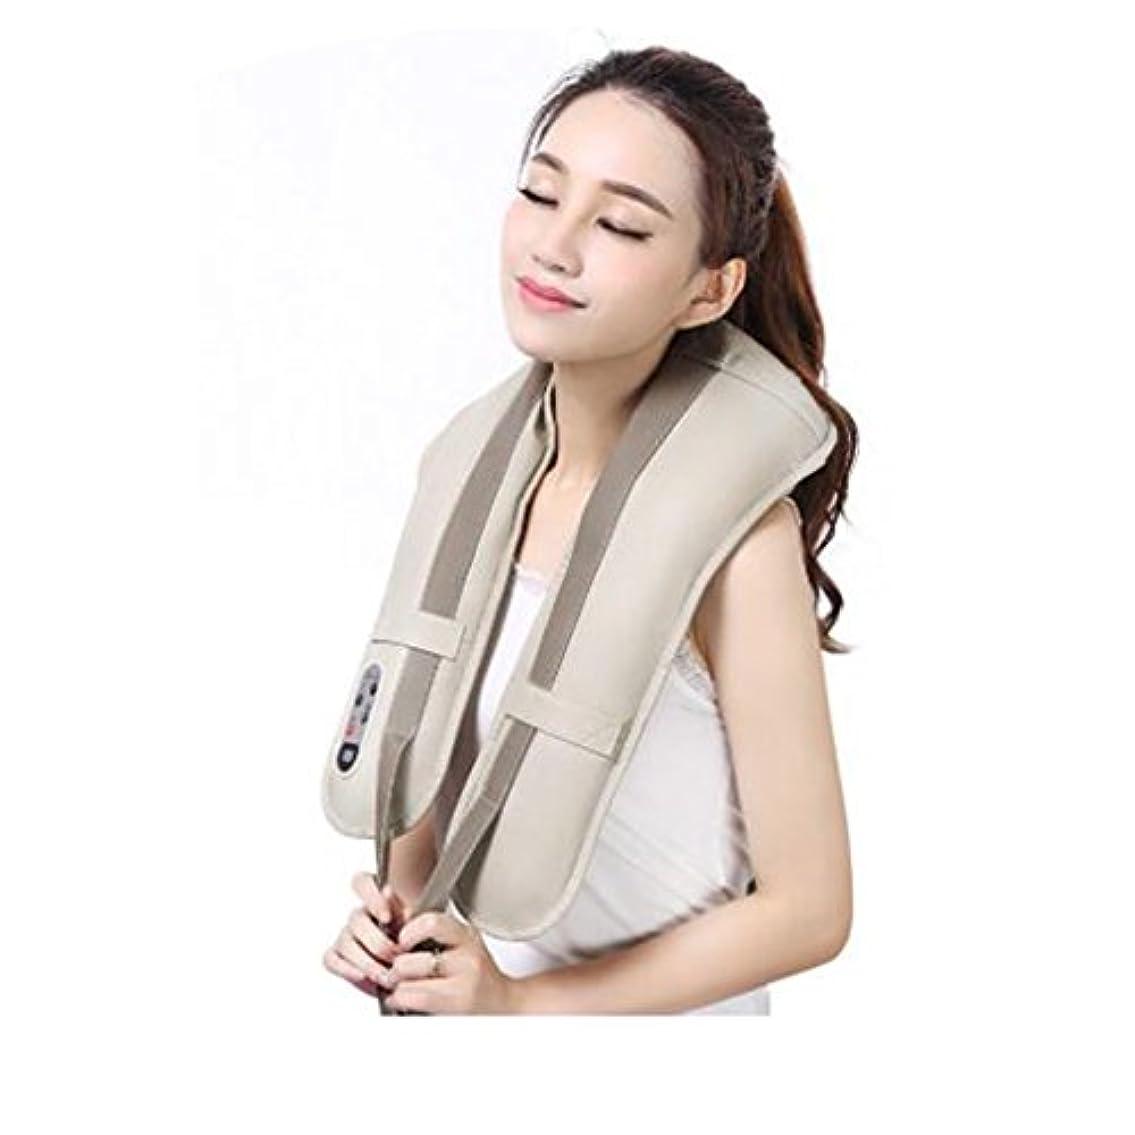 ドーム成長する乱すホットネックマッサージャーポータブル電気パーカッション頸部マッサージショールの痛みの首と肩の多機能タップマッサージャー (色 : A)